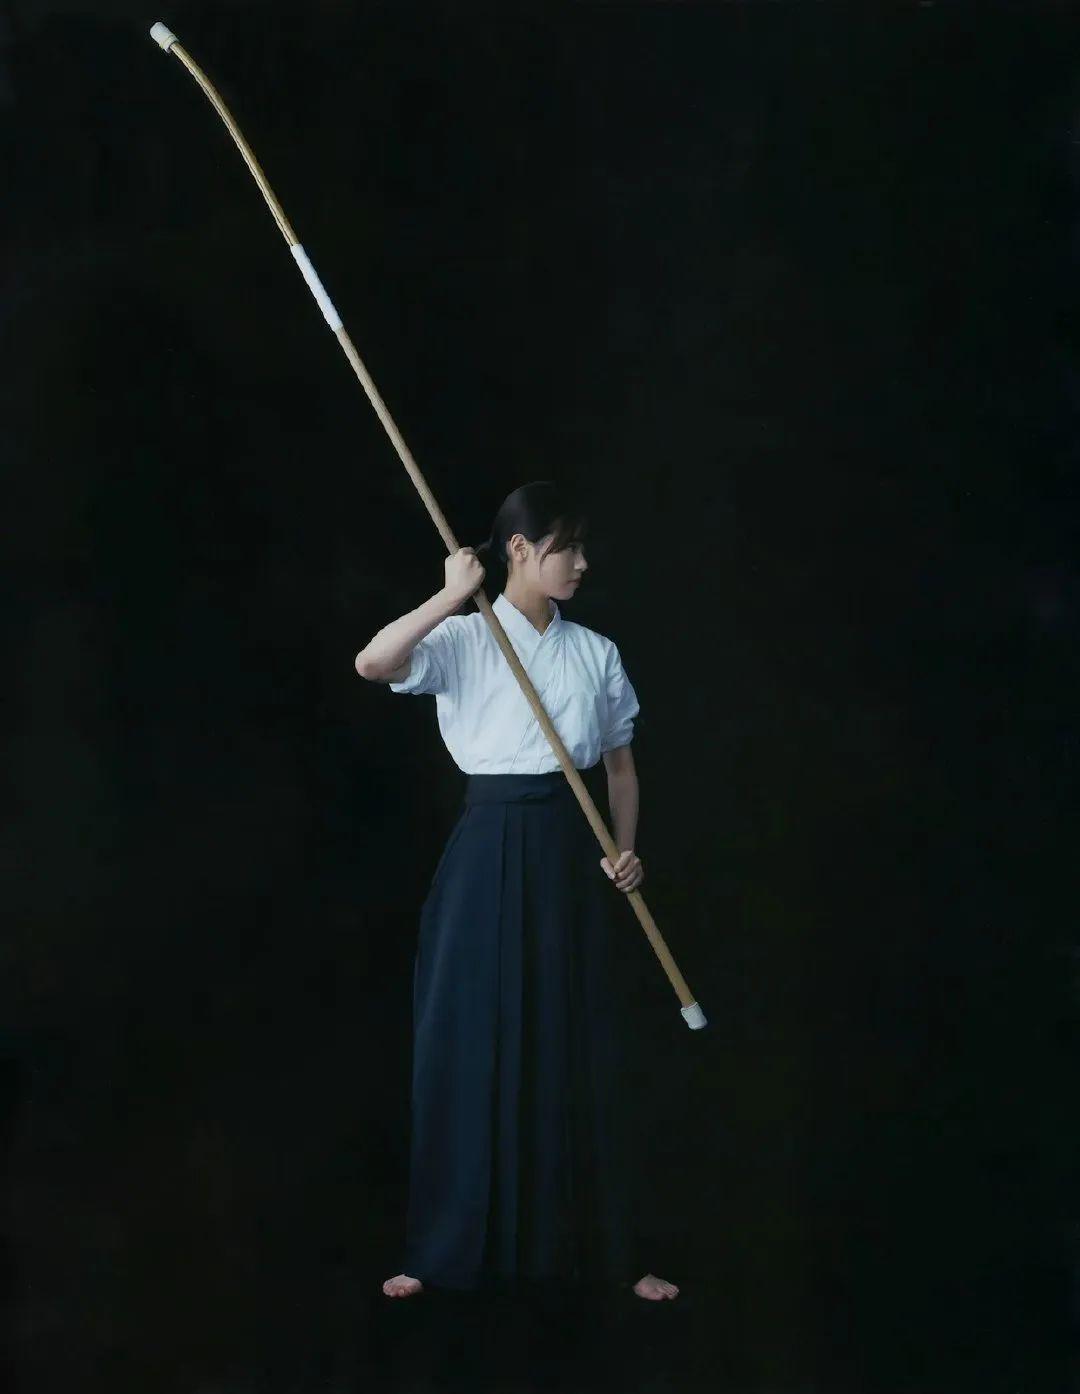 写真 – 刚出道的西野七濑和现在对比一下,漂亮是这样炼成的_图片 No.6